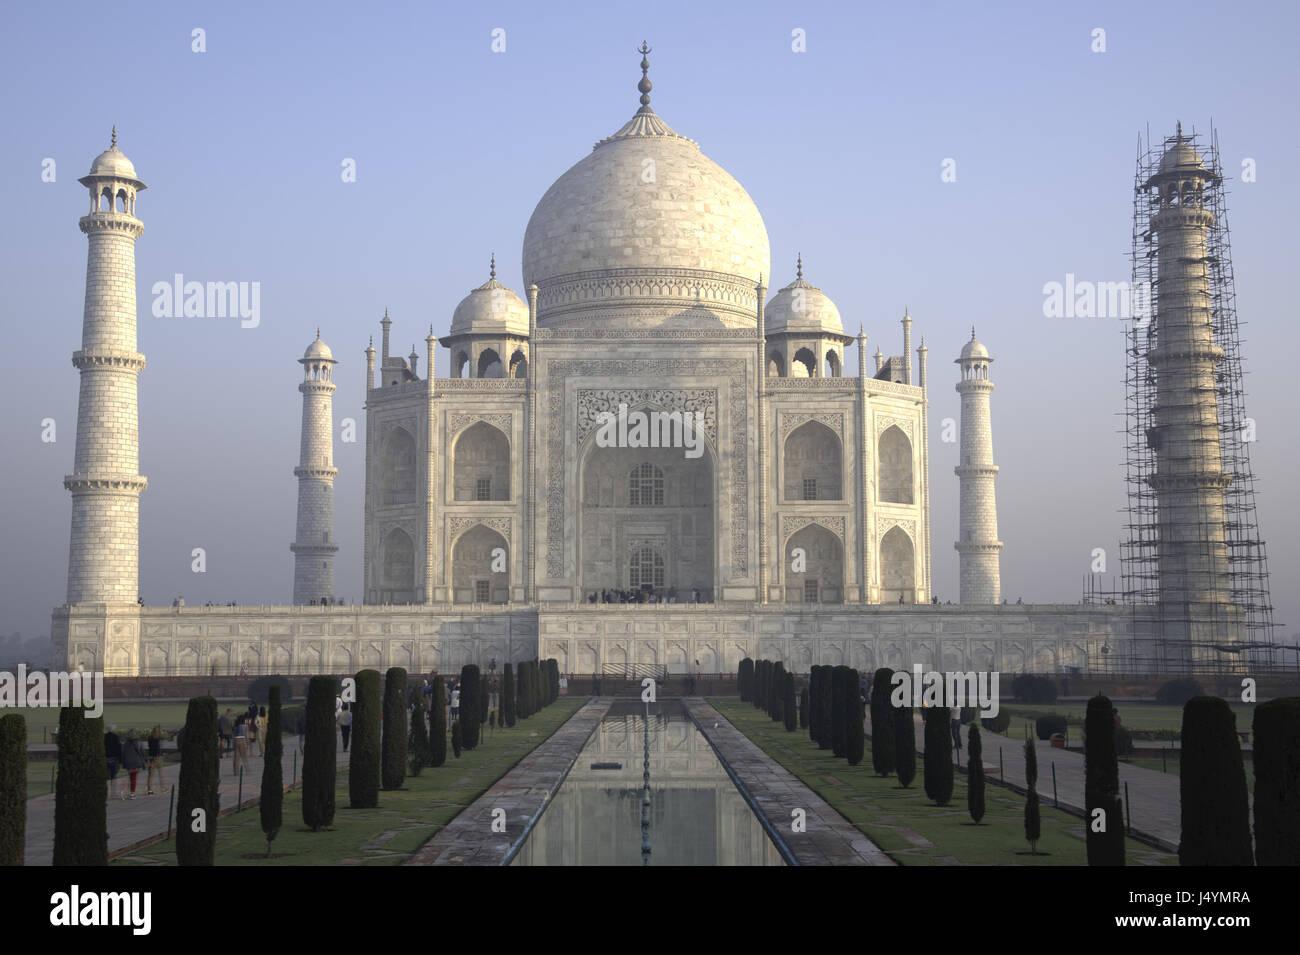 Vista del Taj Mahal in costruzione, Agra, India Immagini Stock